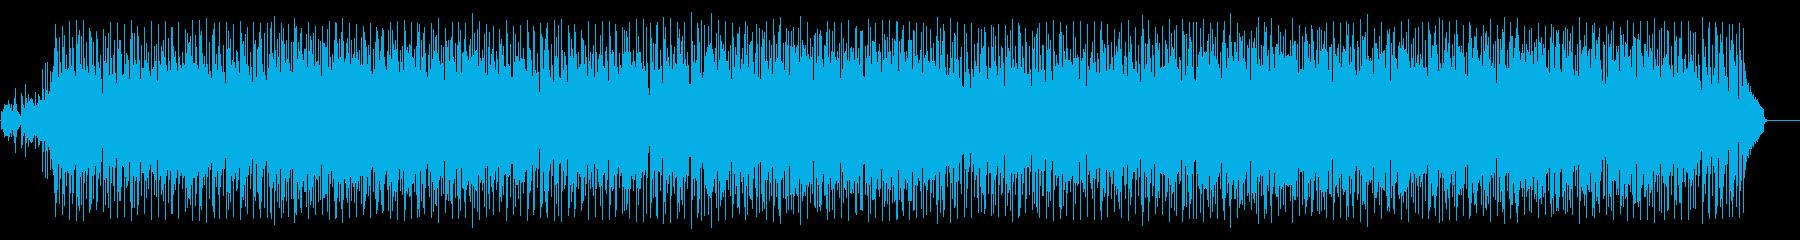 ほのぼのとしたポップ(フルサイズ)の再生済みの波形